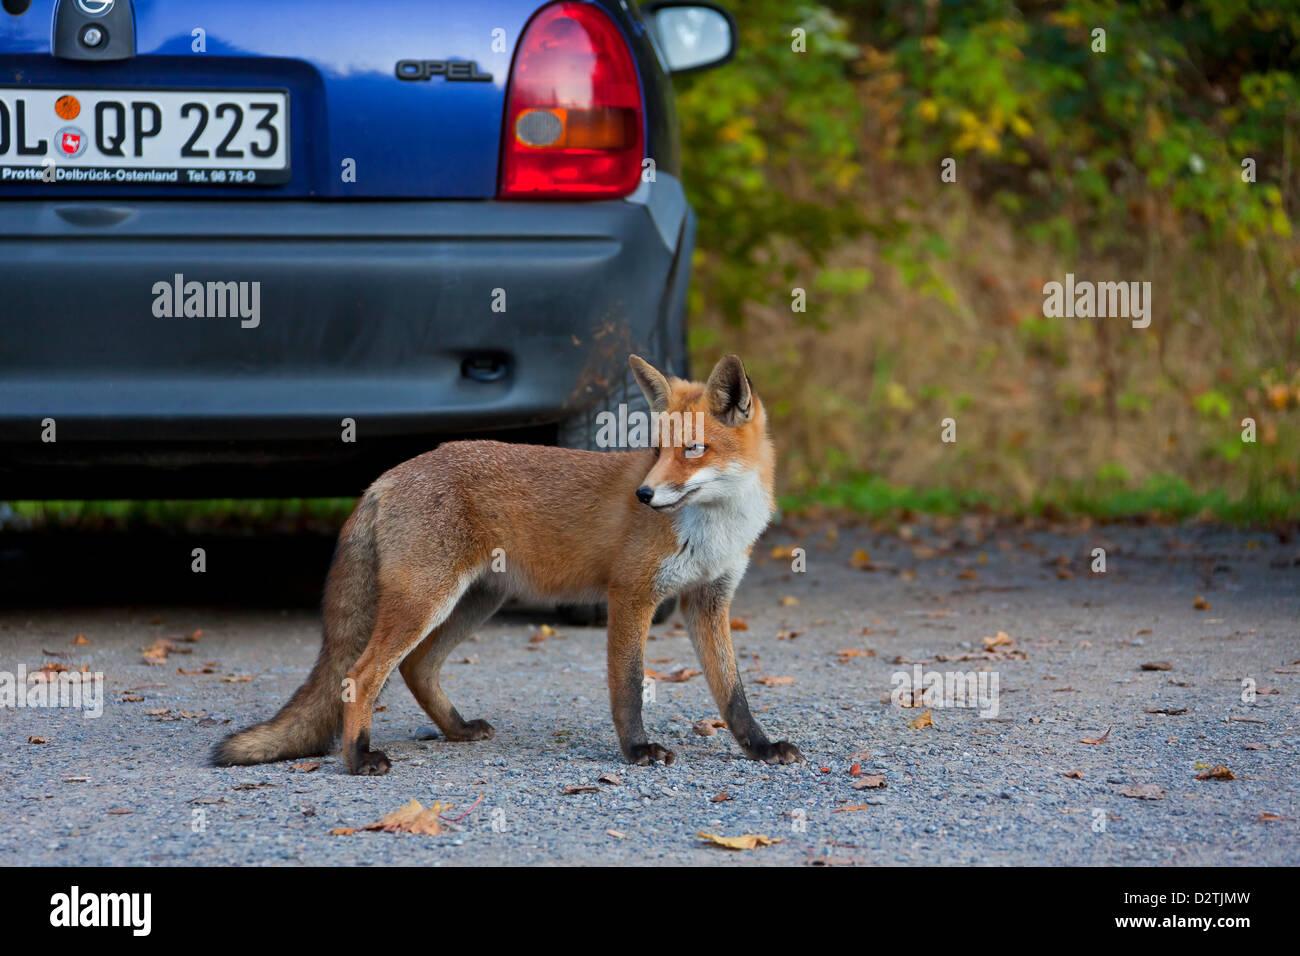 Zähmen Sie, Rotfuchs (Vulpes Vulpes) Jugendliche auf der Suche nach Nahrung unter Autos auf dem Parkplatz, Stockbild